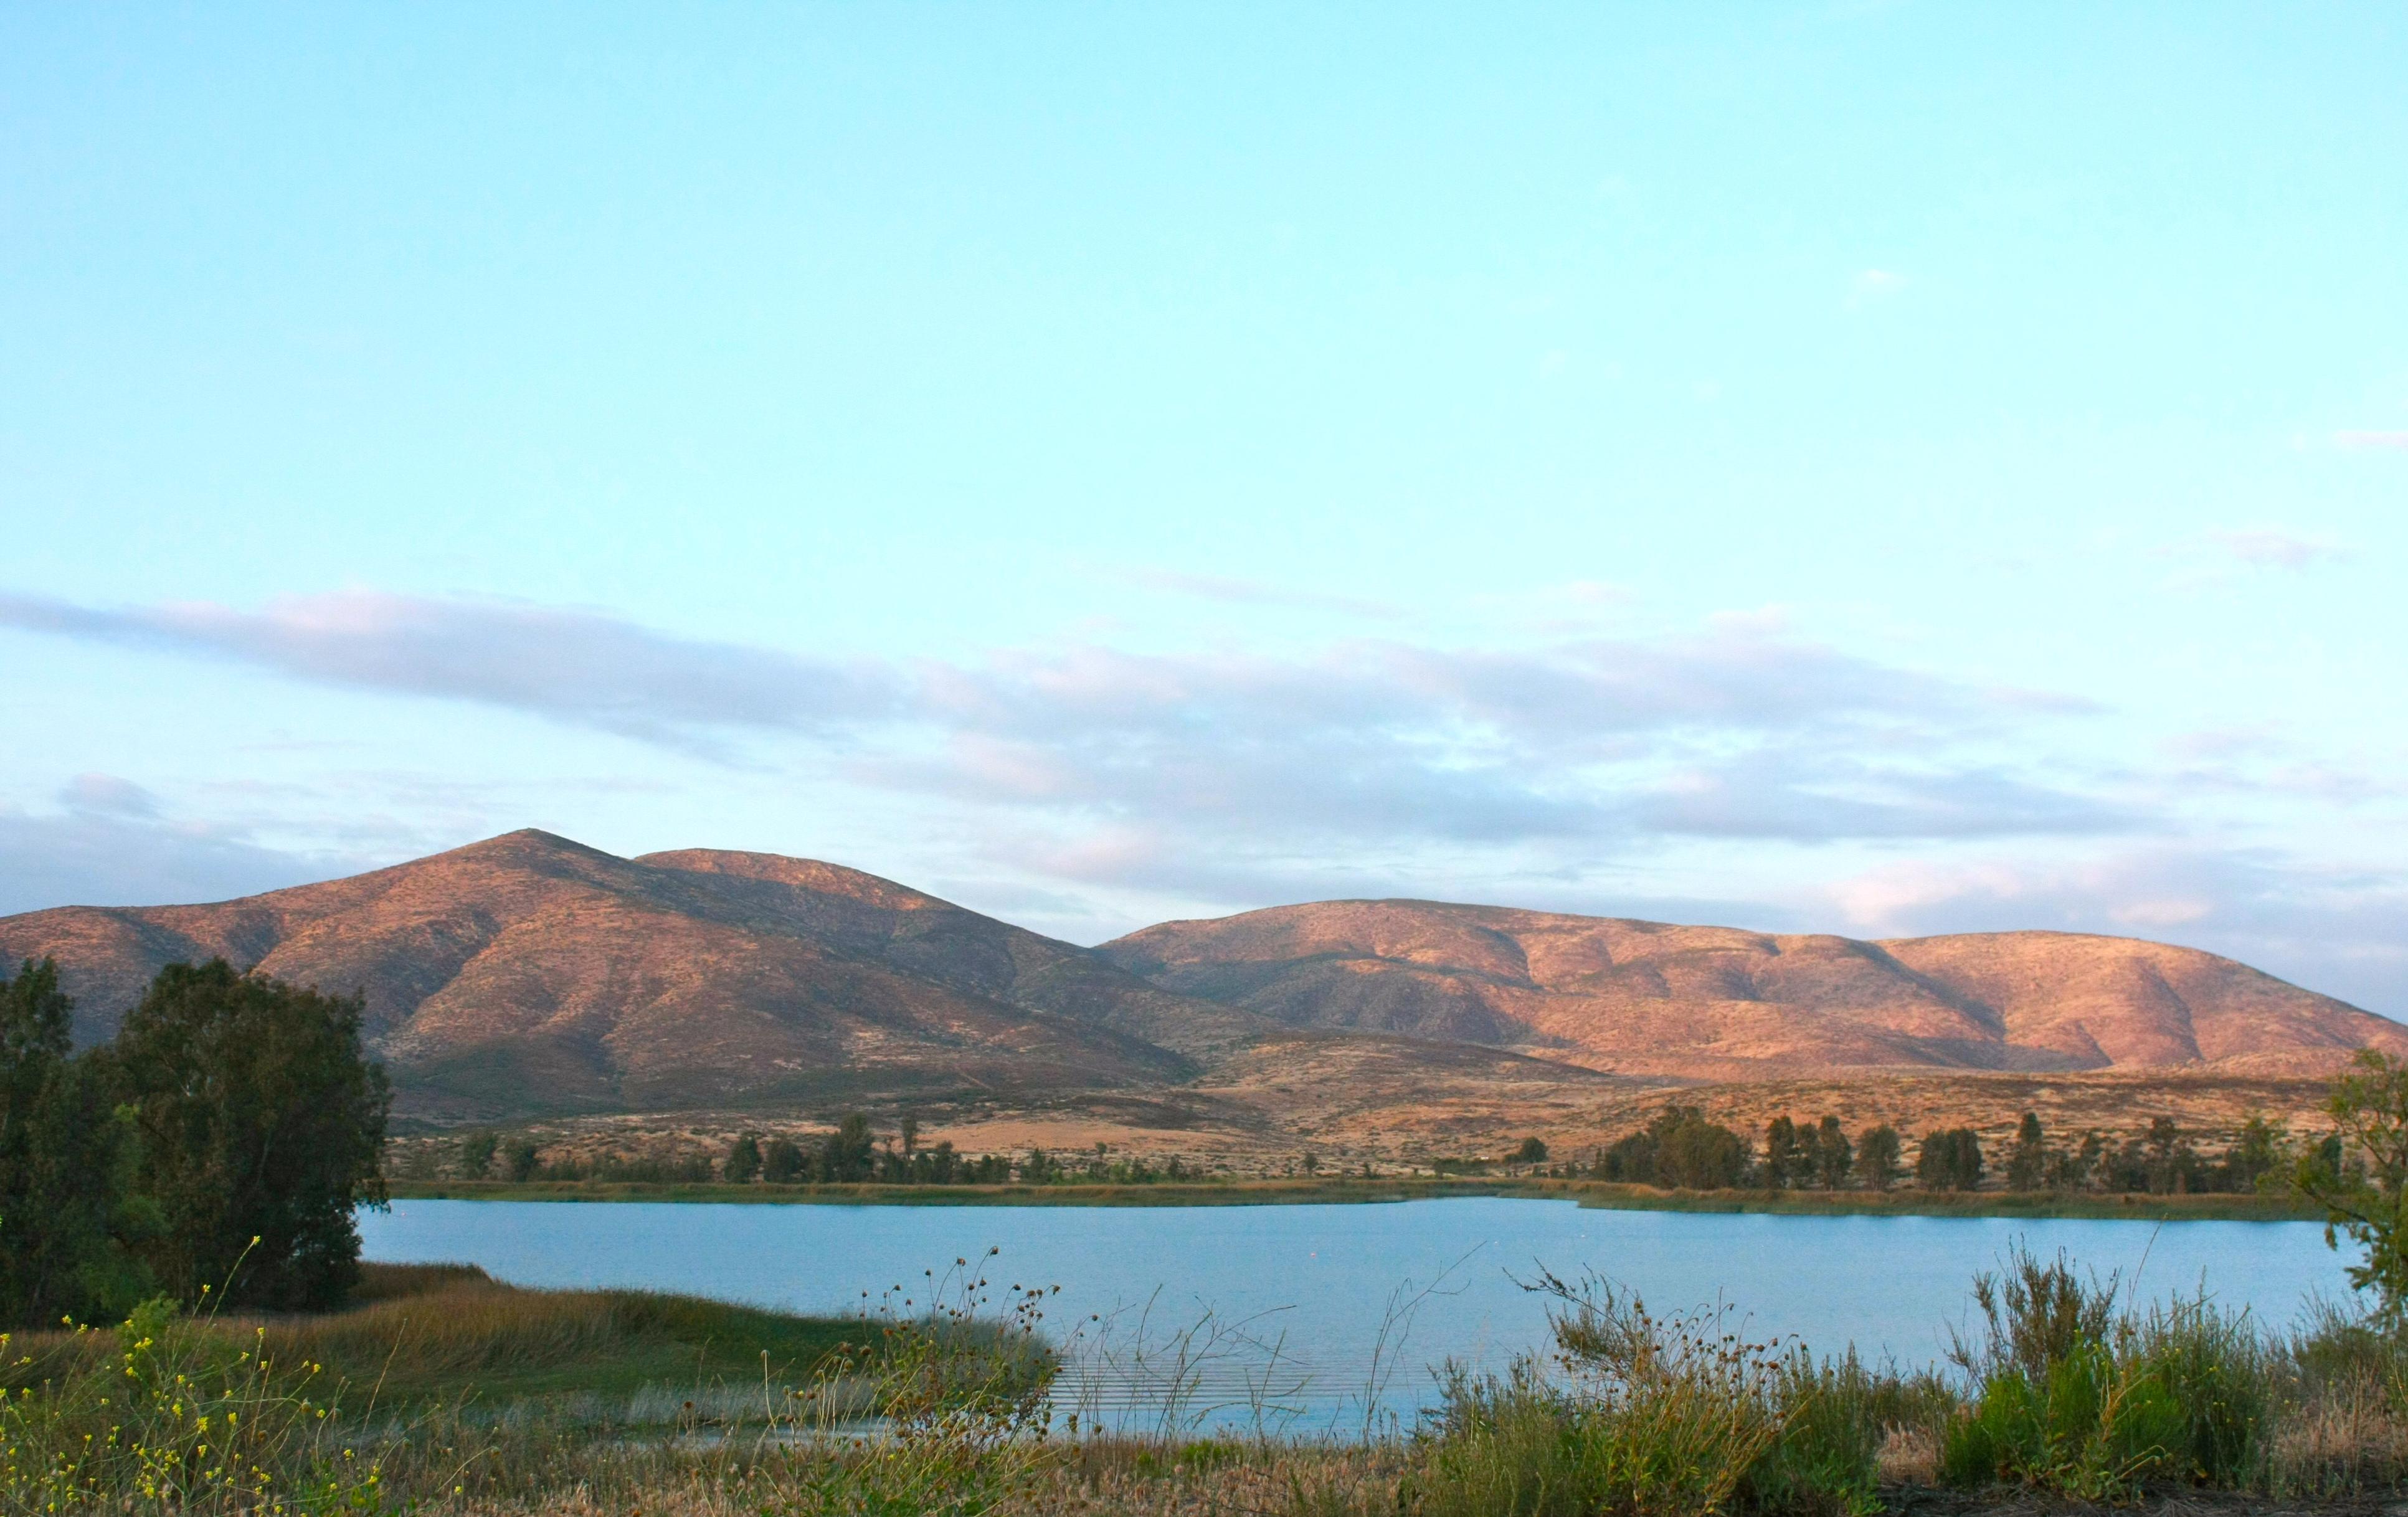 Otay Lakes County Park